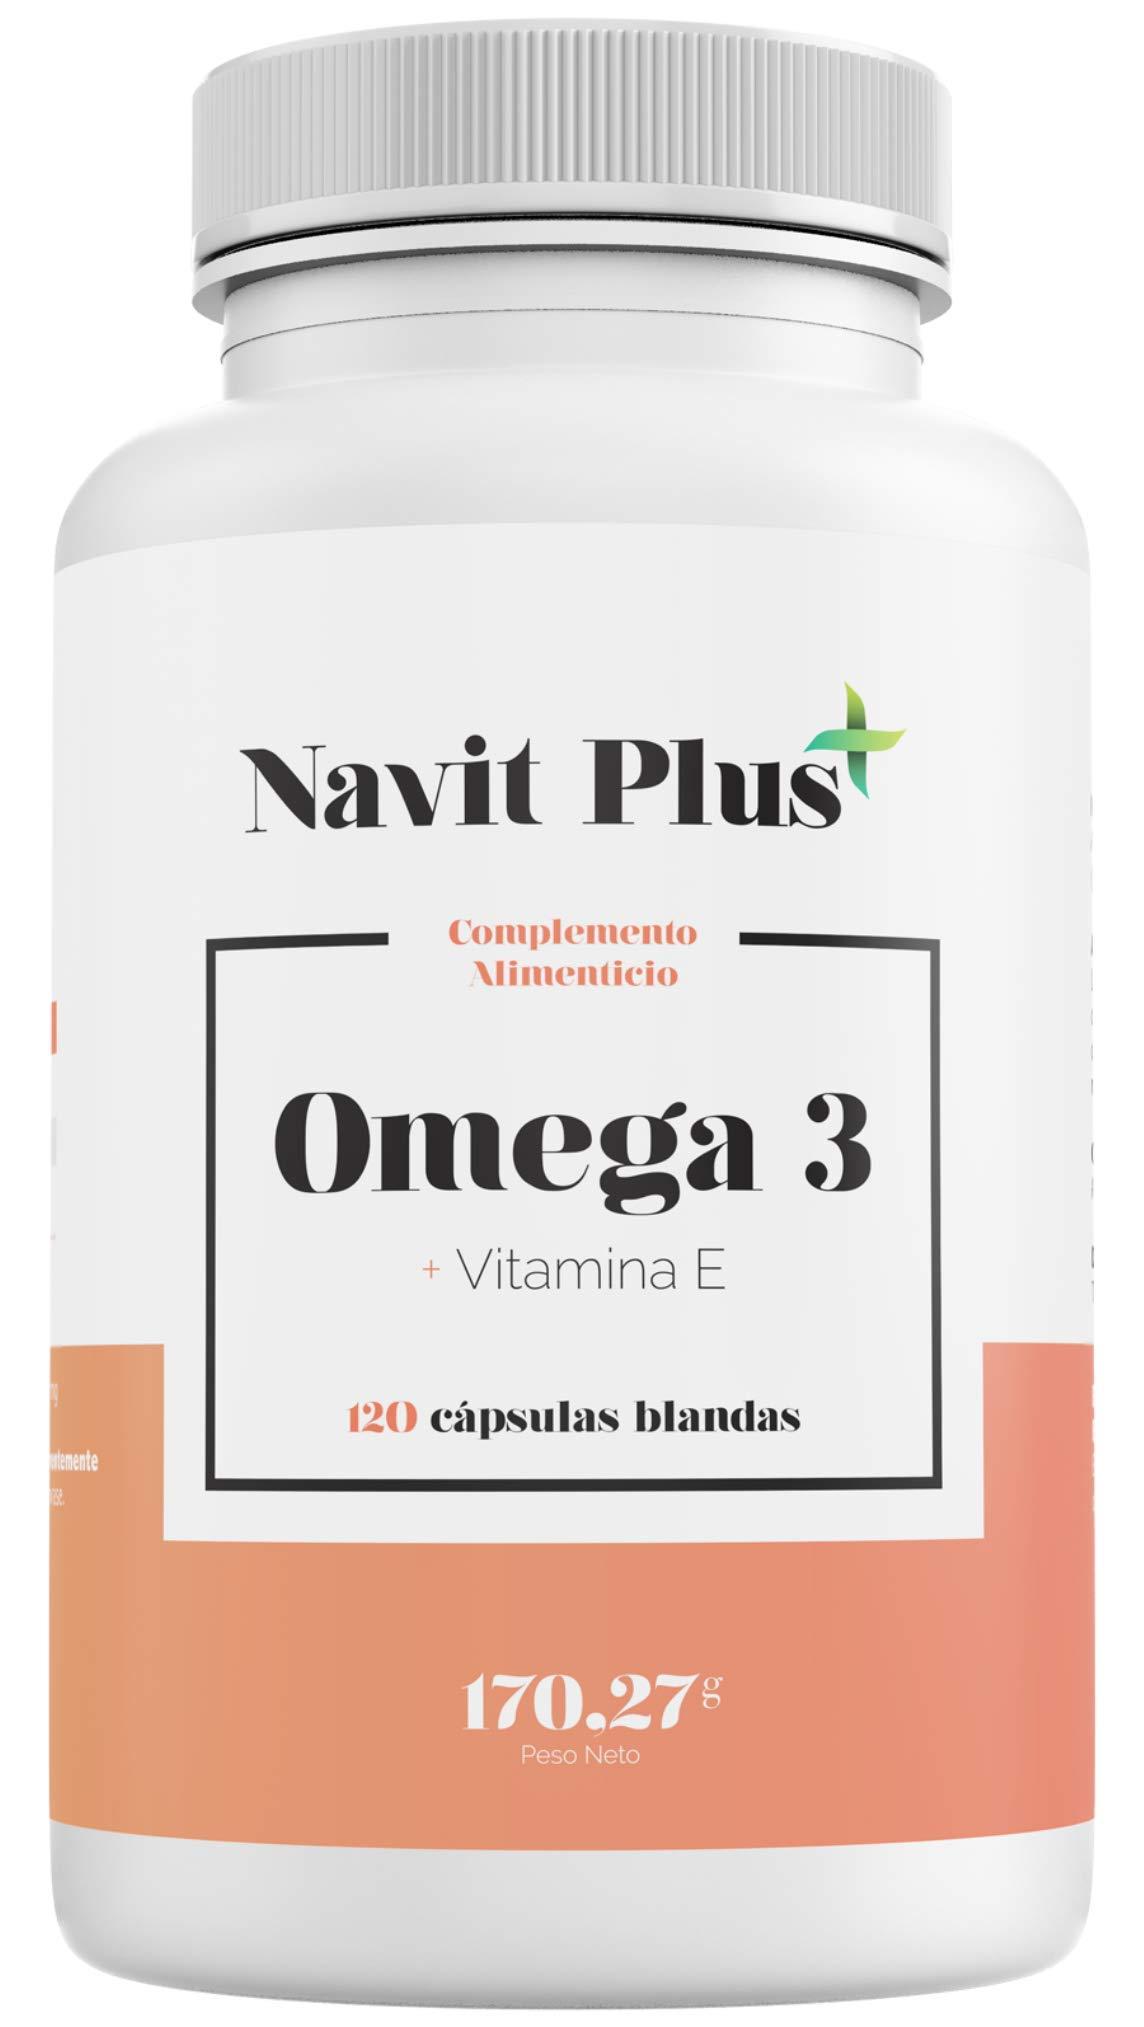 fa omega 3 abbattere grasso